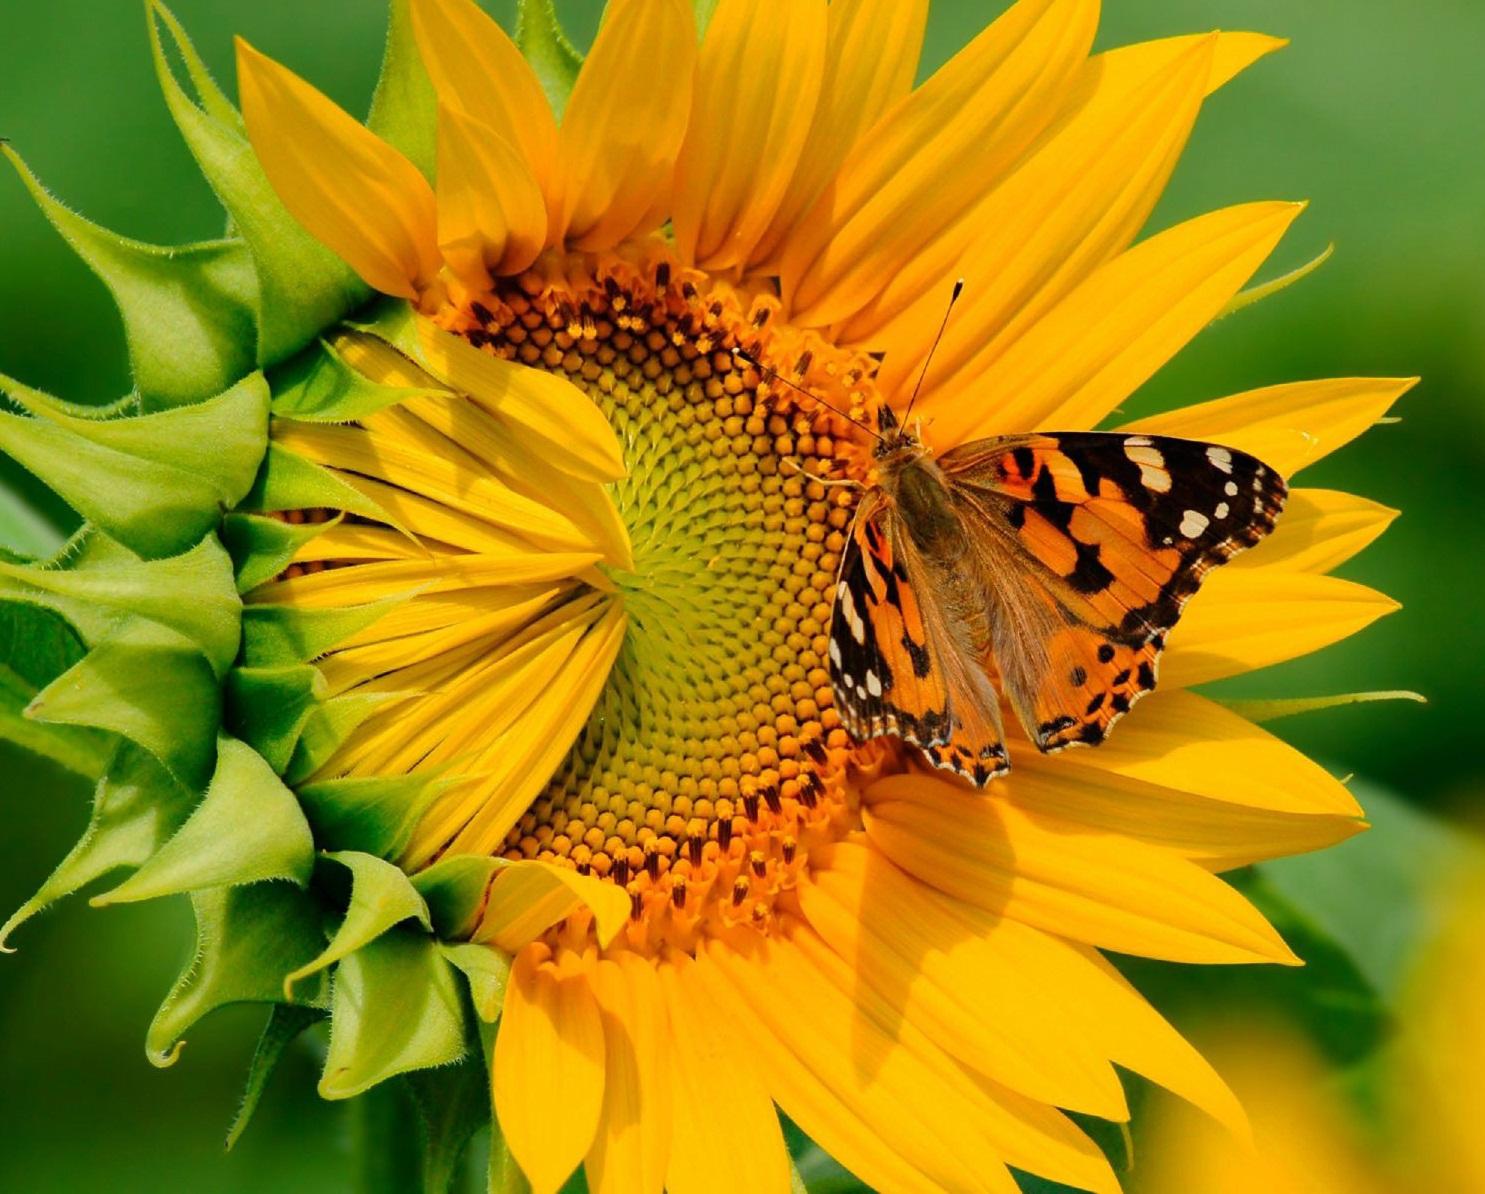 گل آن درشت و زیبا و به قطر ۳۵ سانتیمتر میباشد